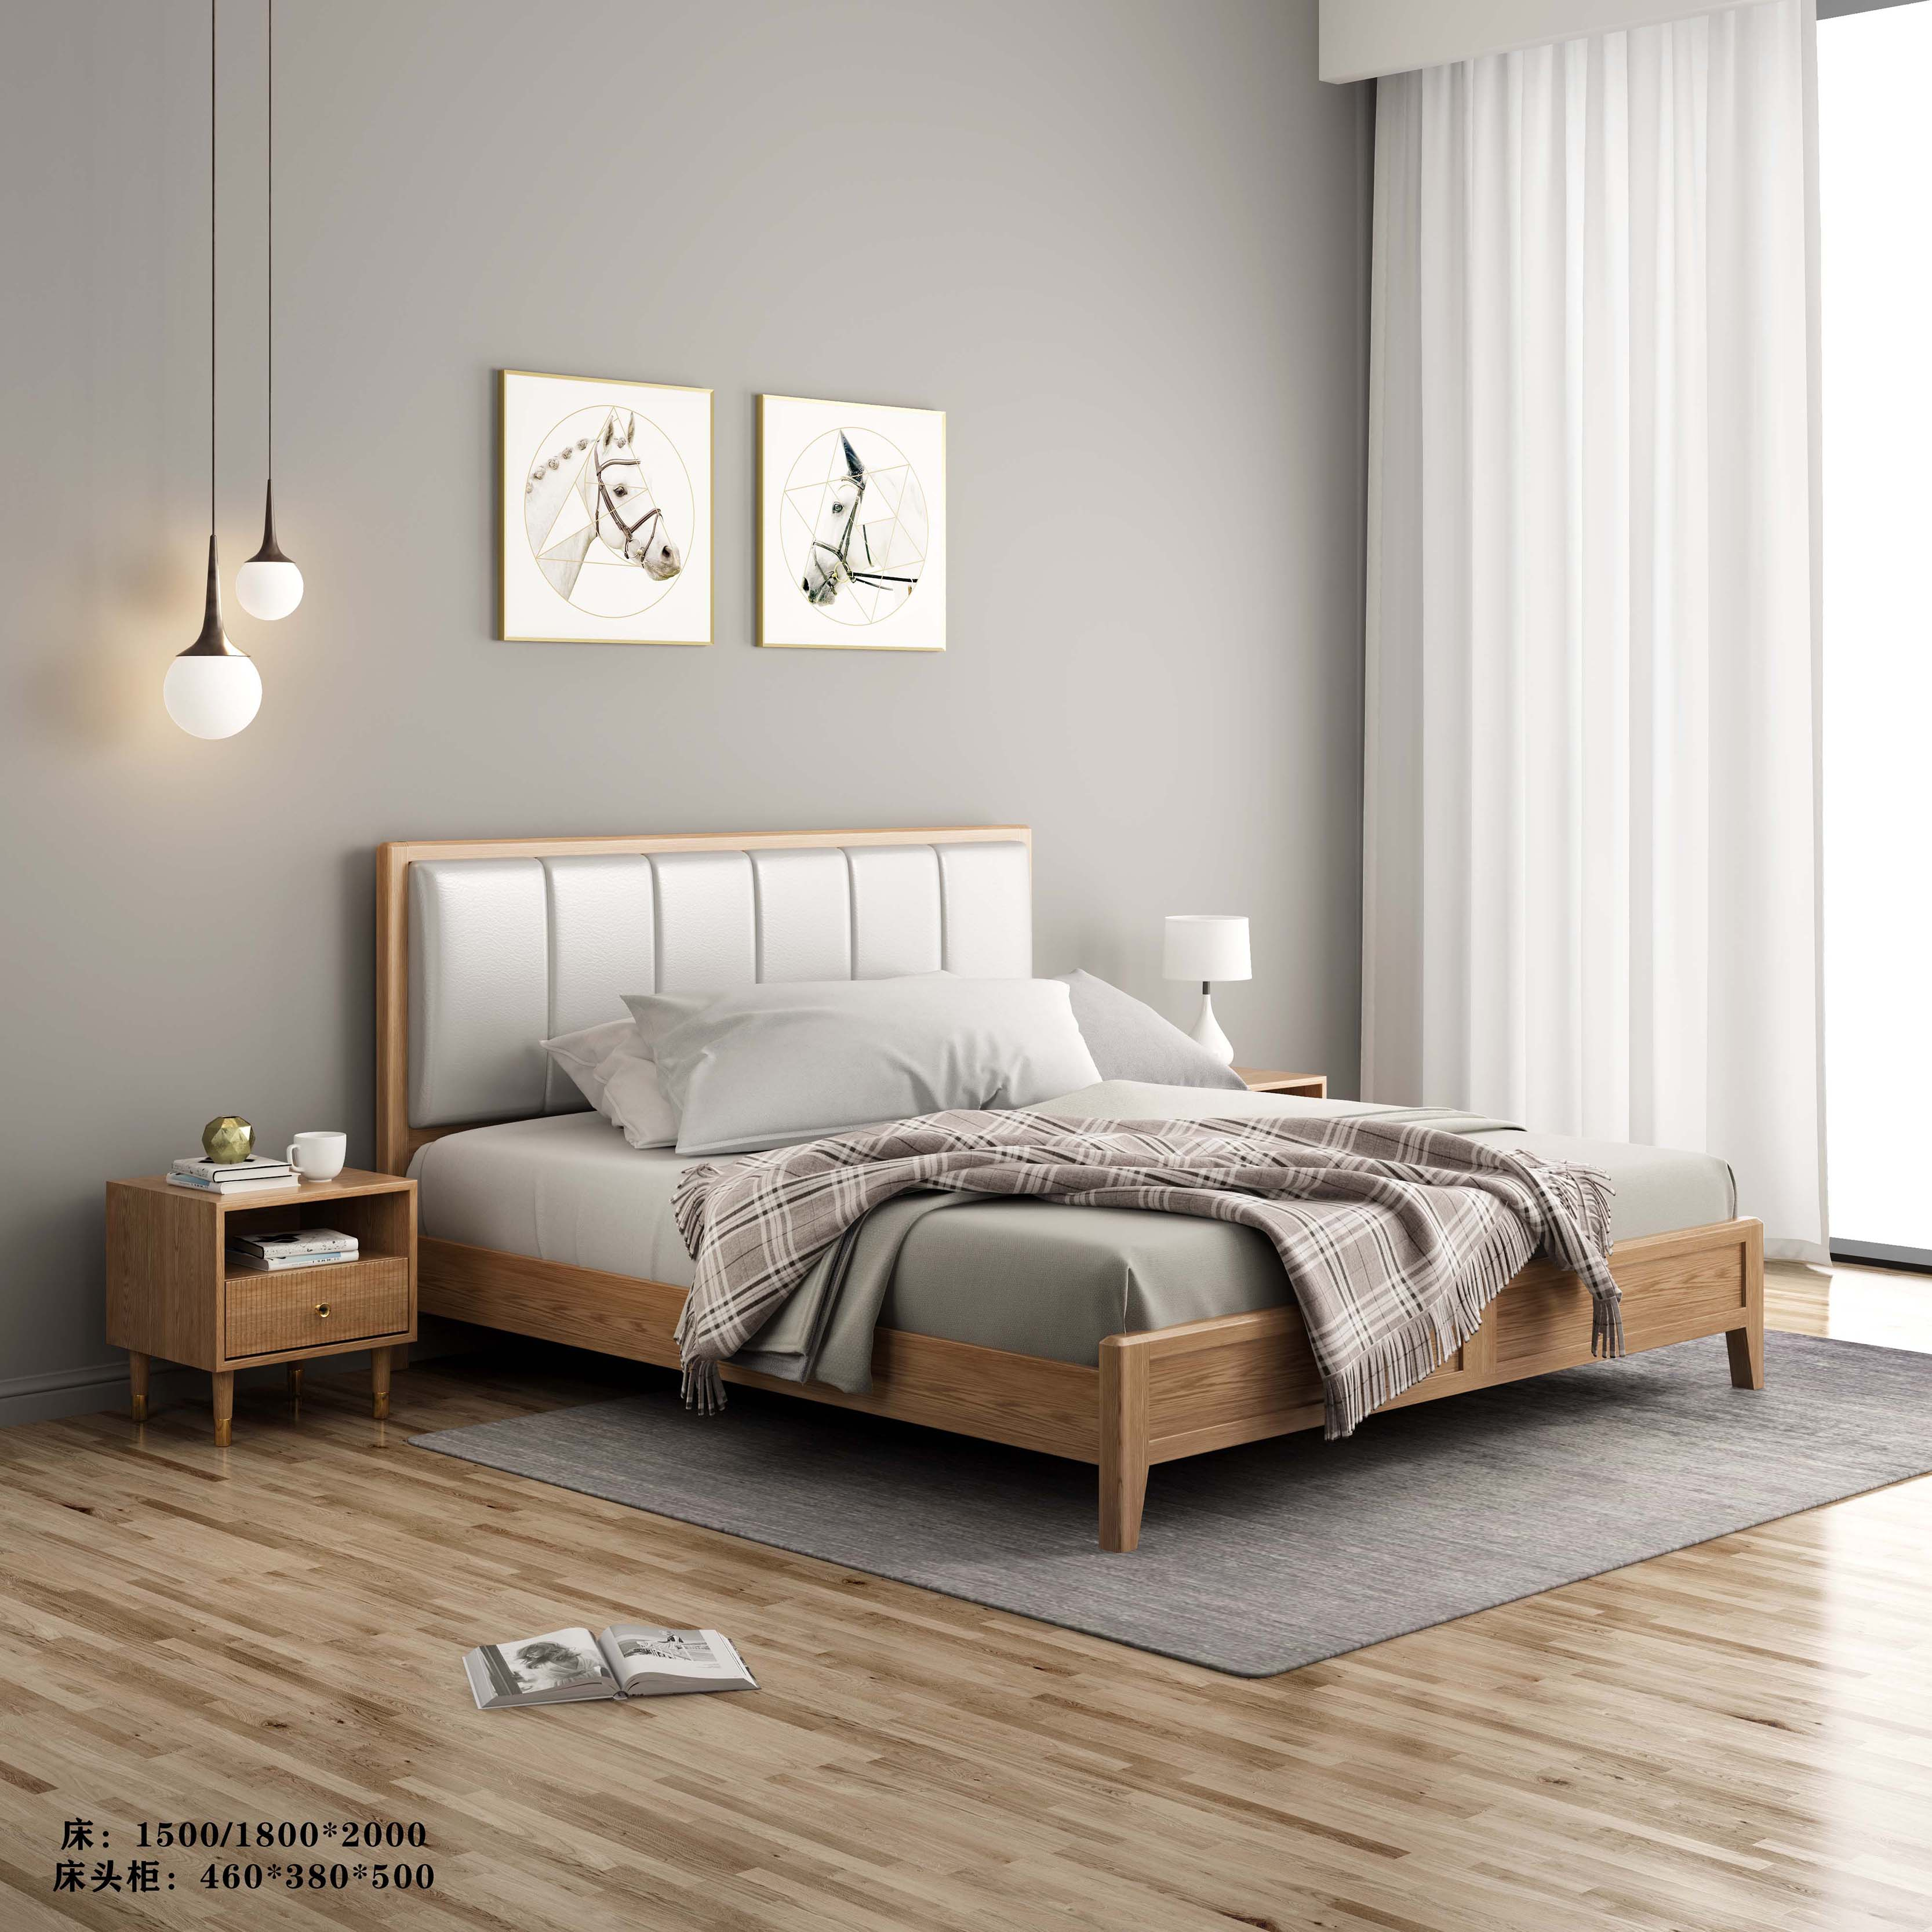 白蜡木诧寂系列---床